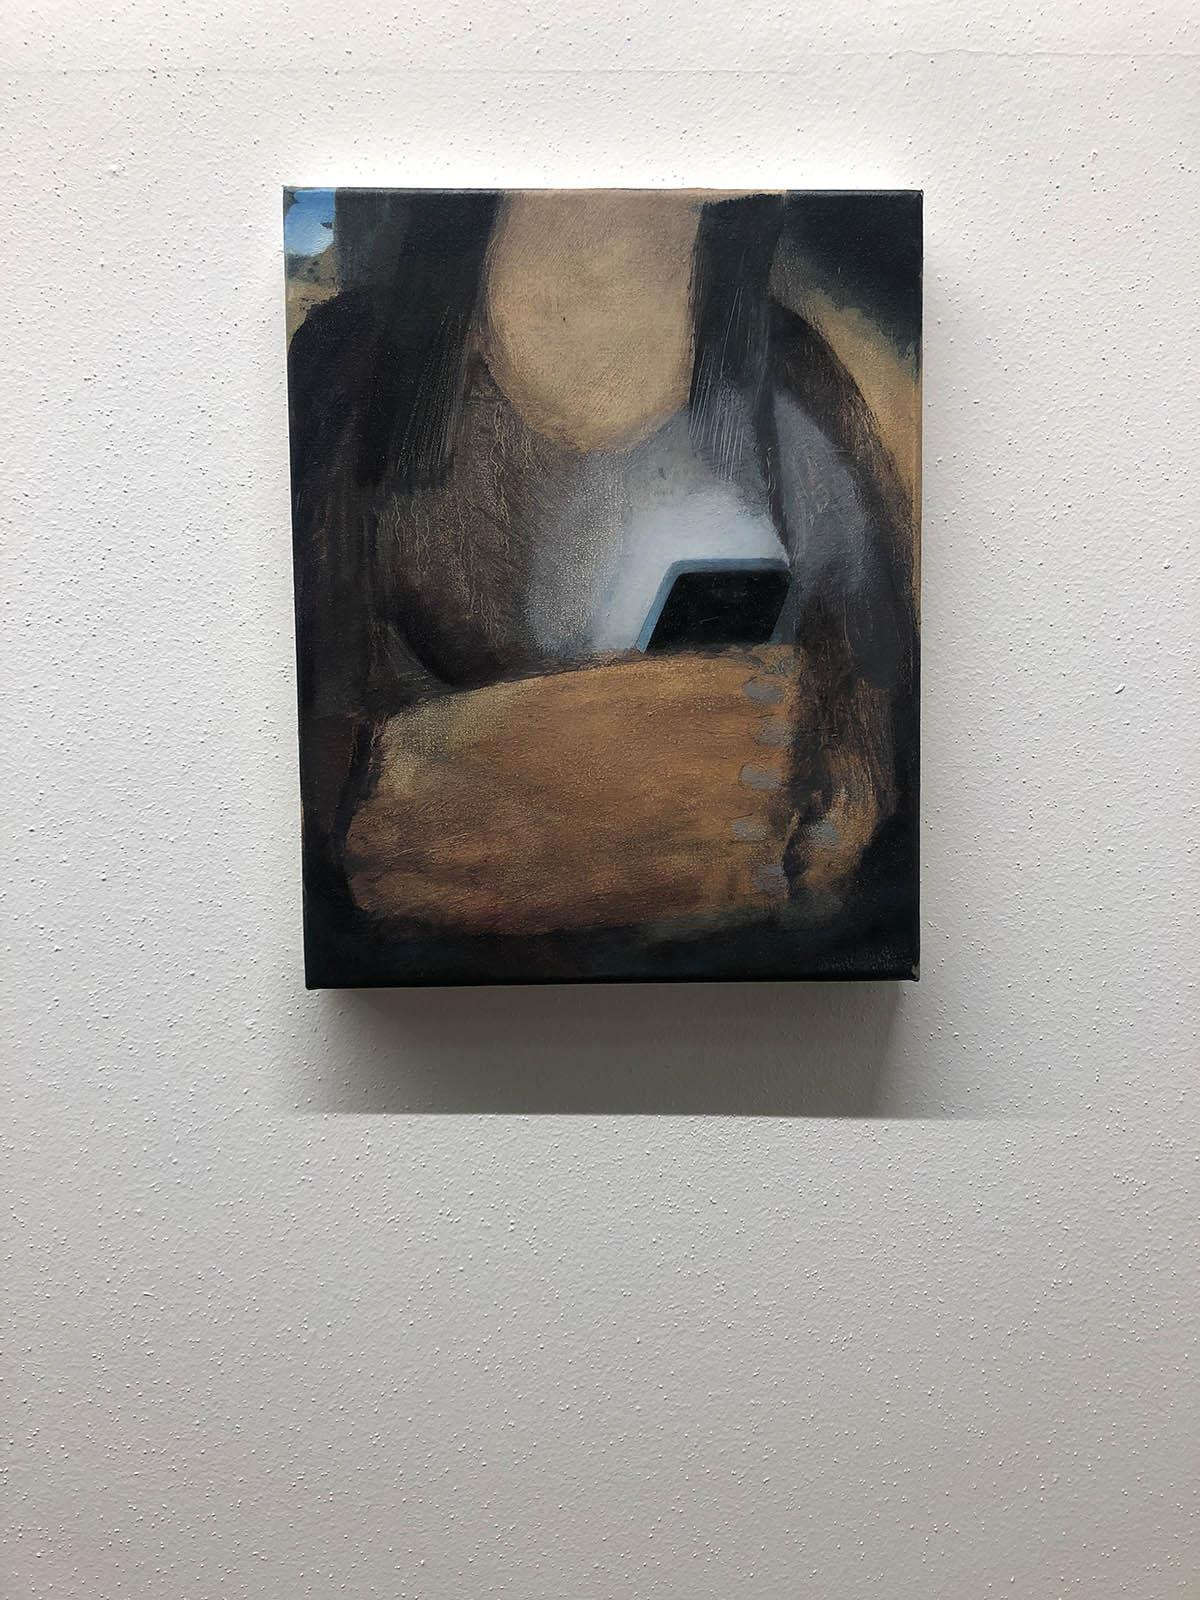 Claudio Coltorti at Sof:Art, Senza Titolo, 2020.